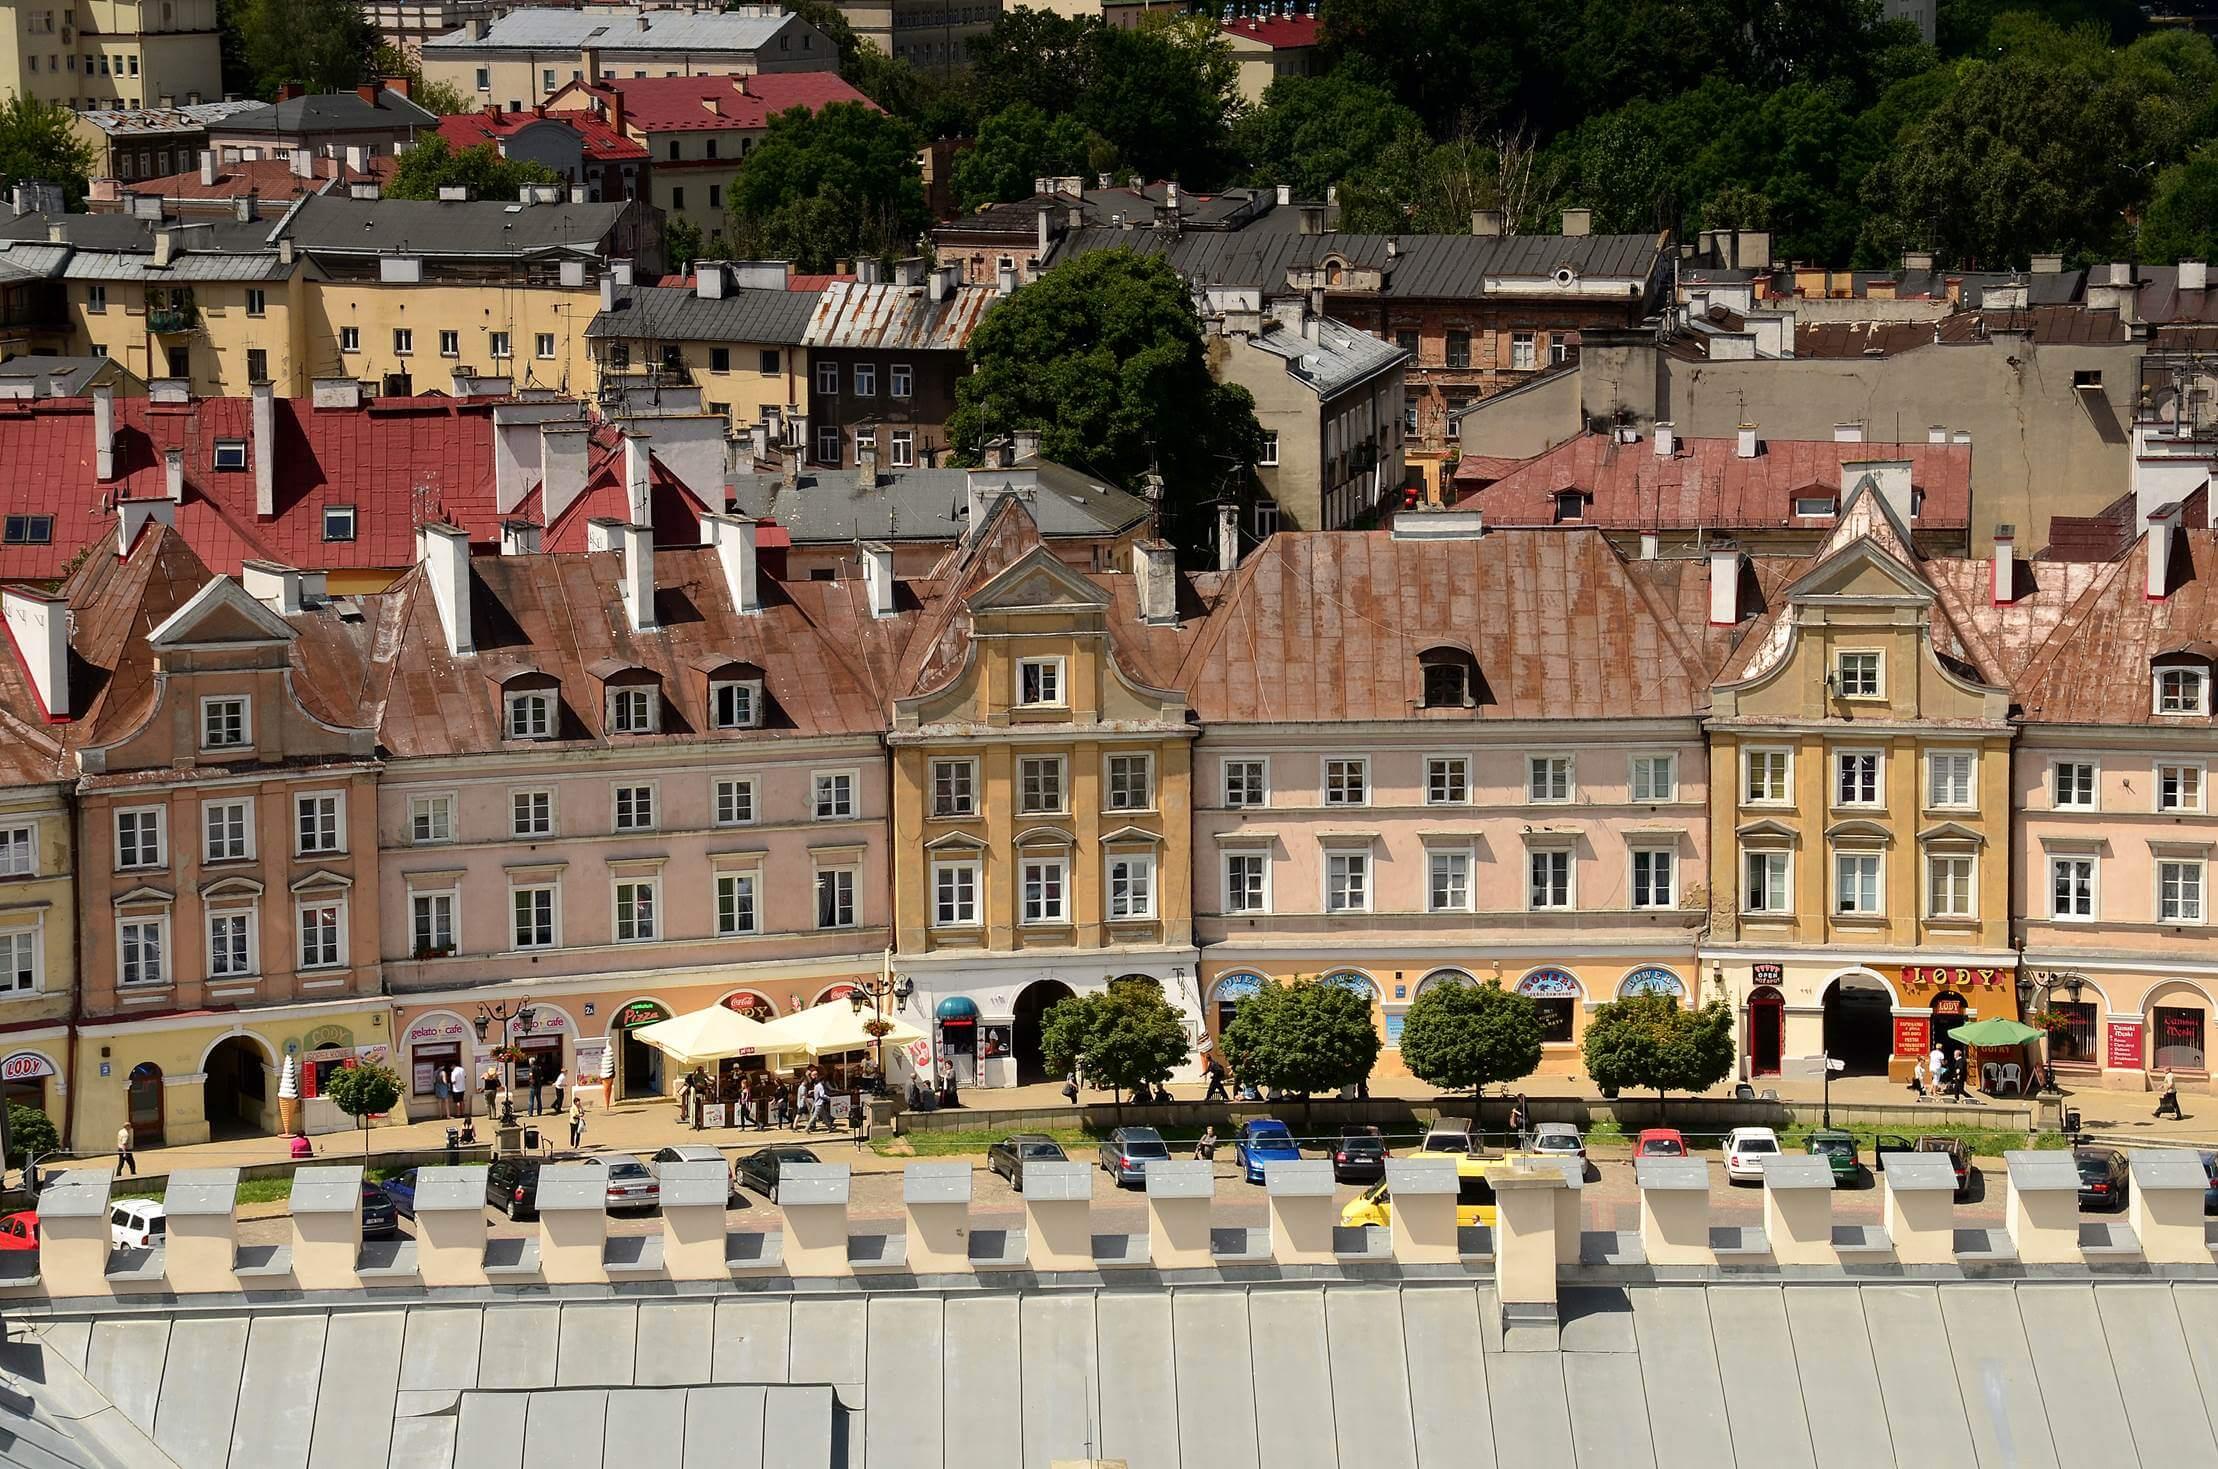 Інста-топ: найкращі локації для фото у Любліні - UniverPL